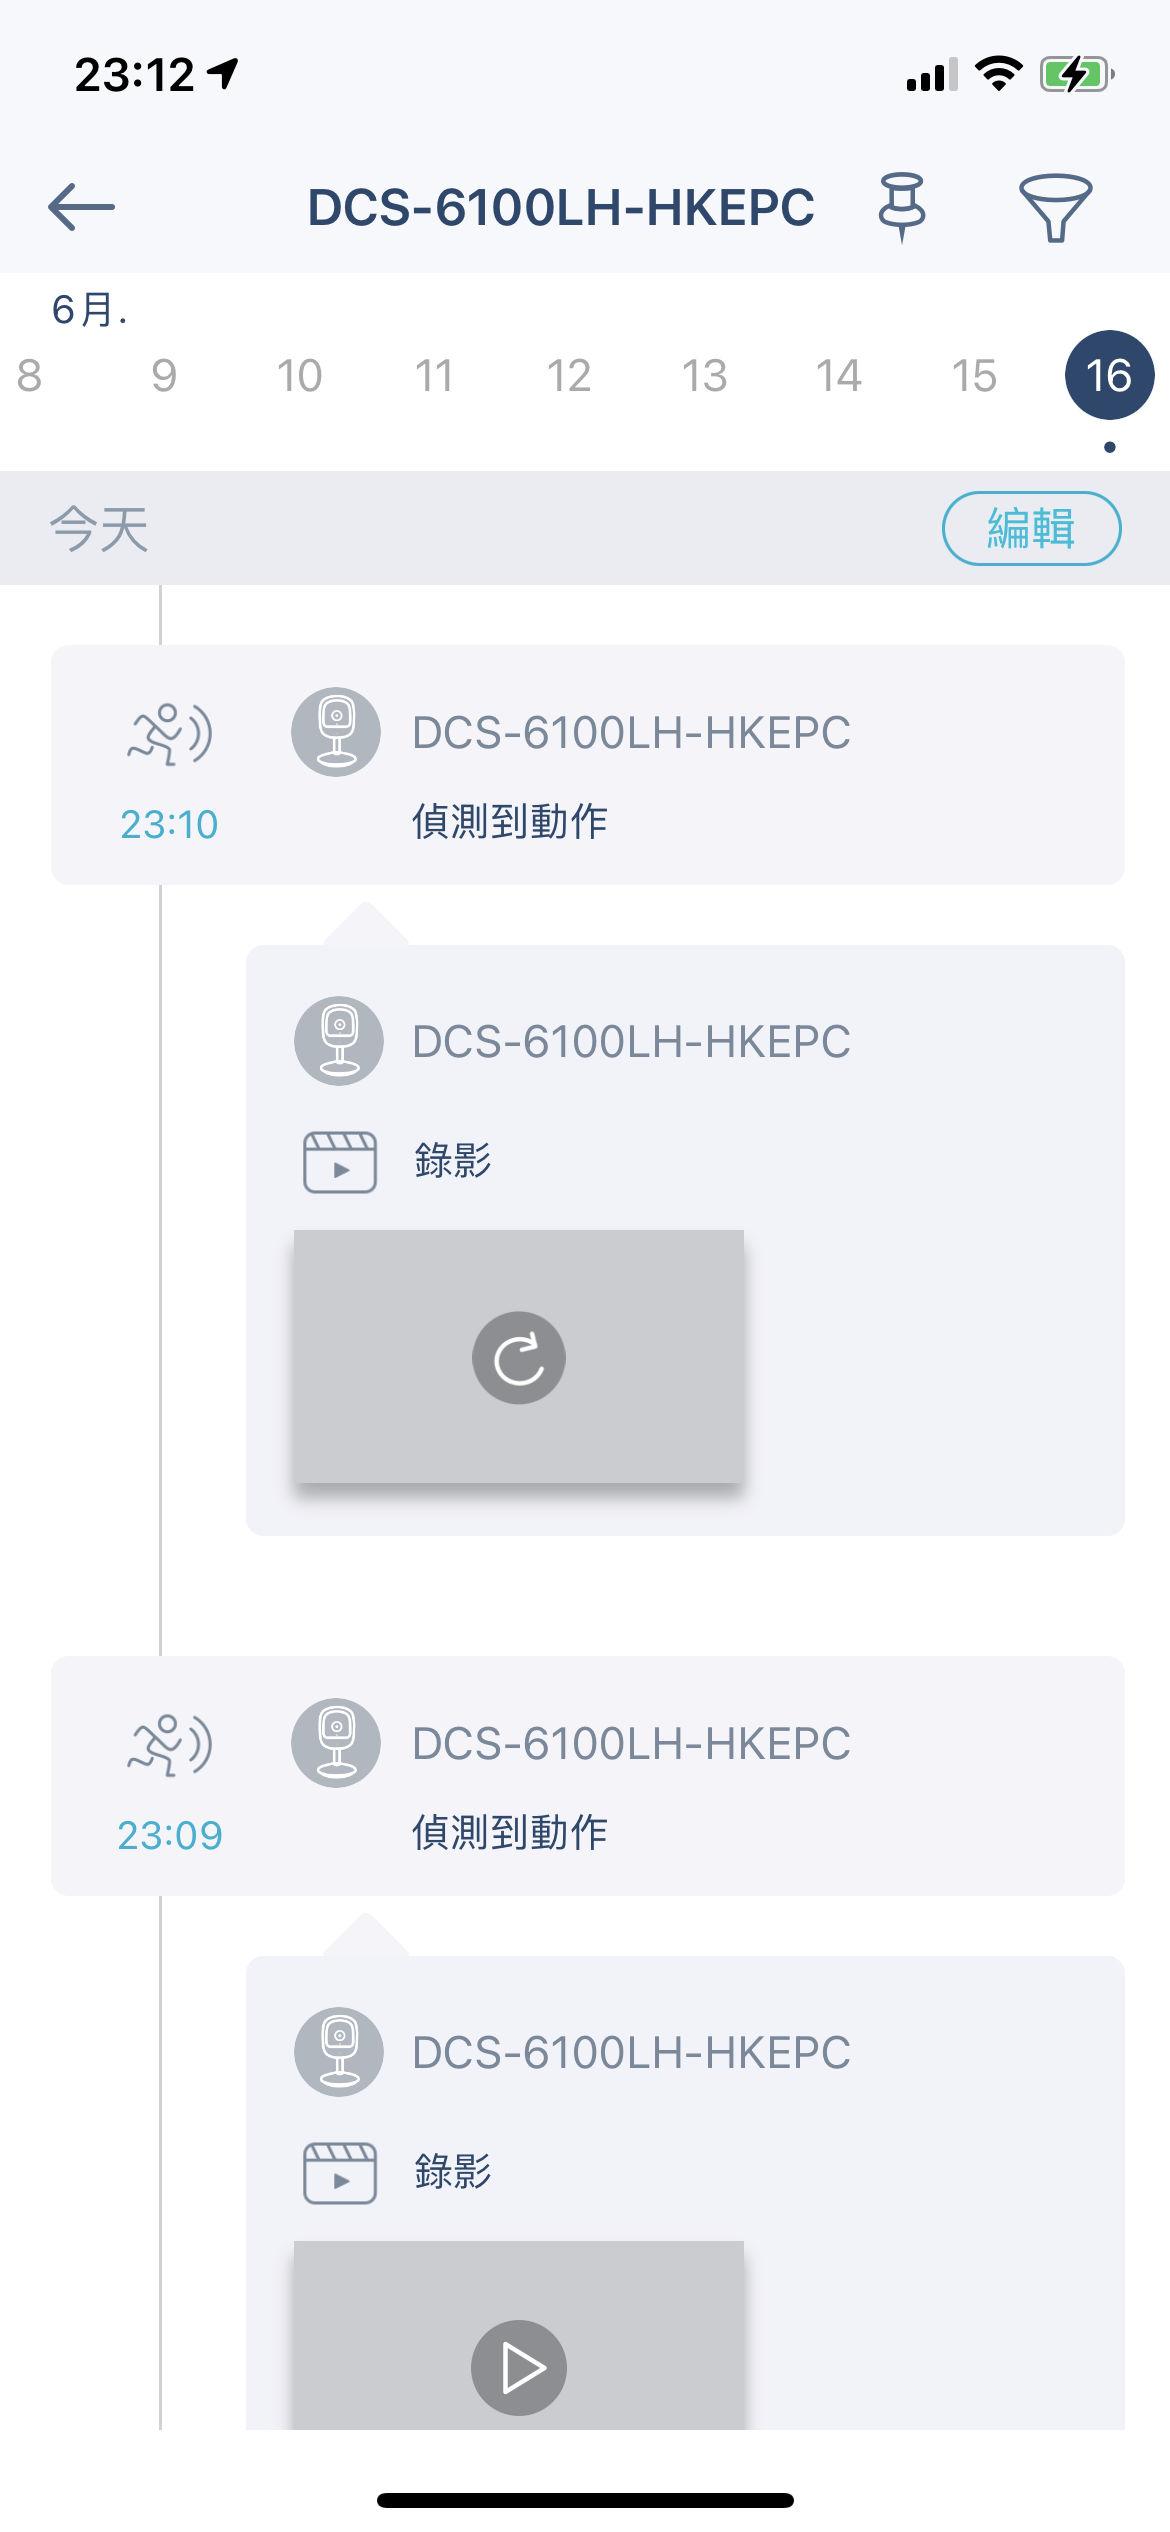 DCS-6100LH